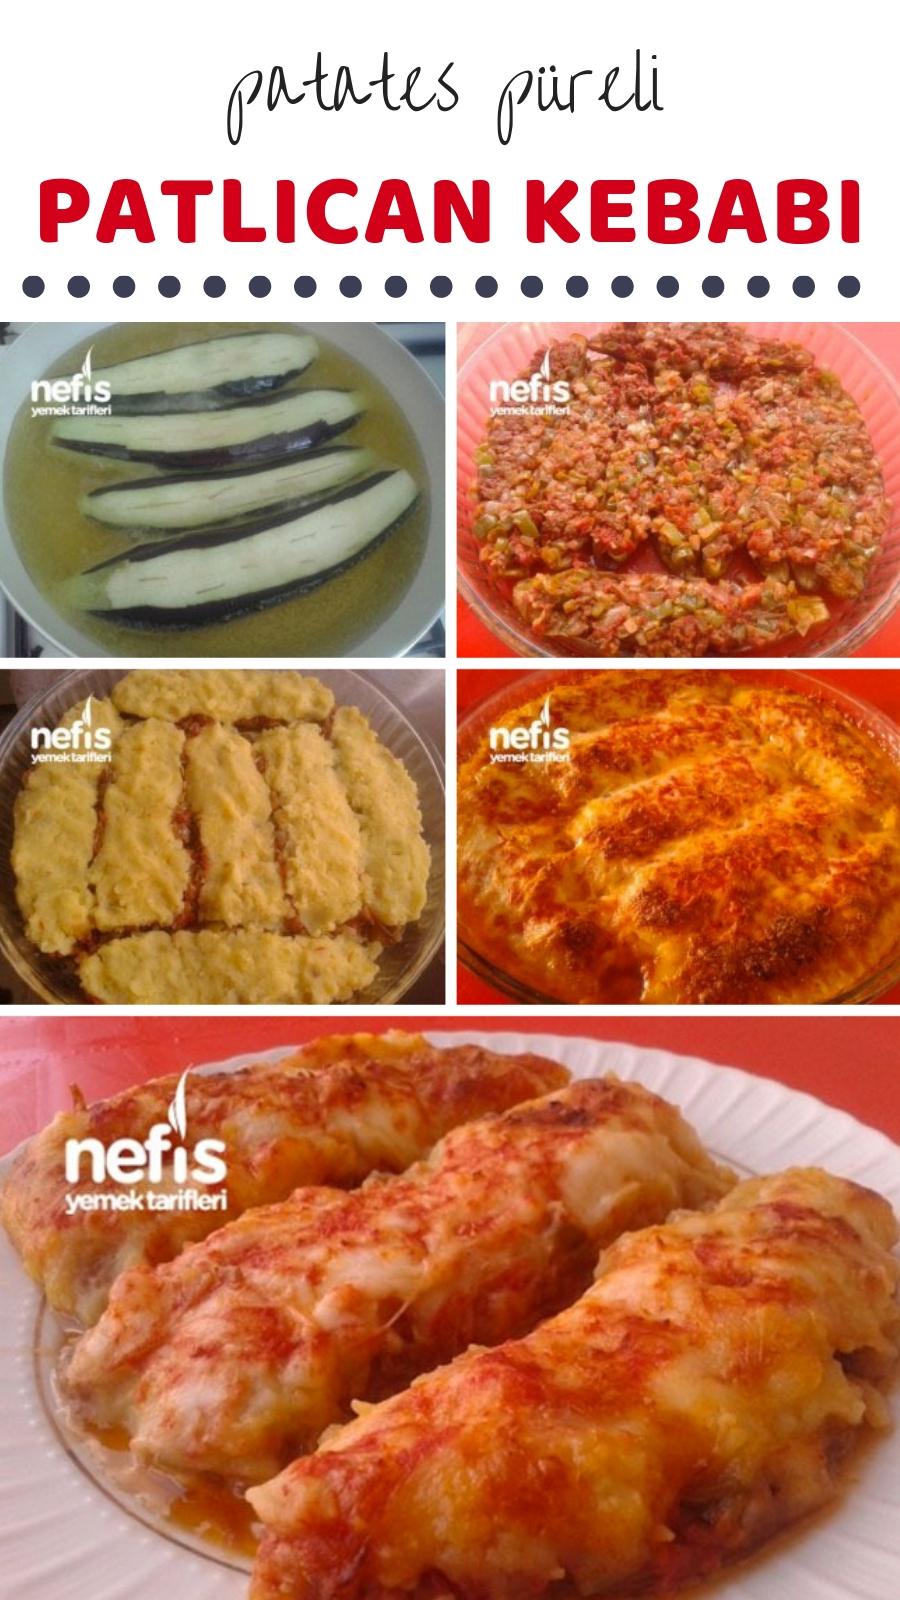 Patlıcan Kebabı Tarifi – Ana Yemek Tarifleri